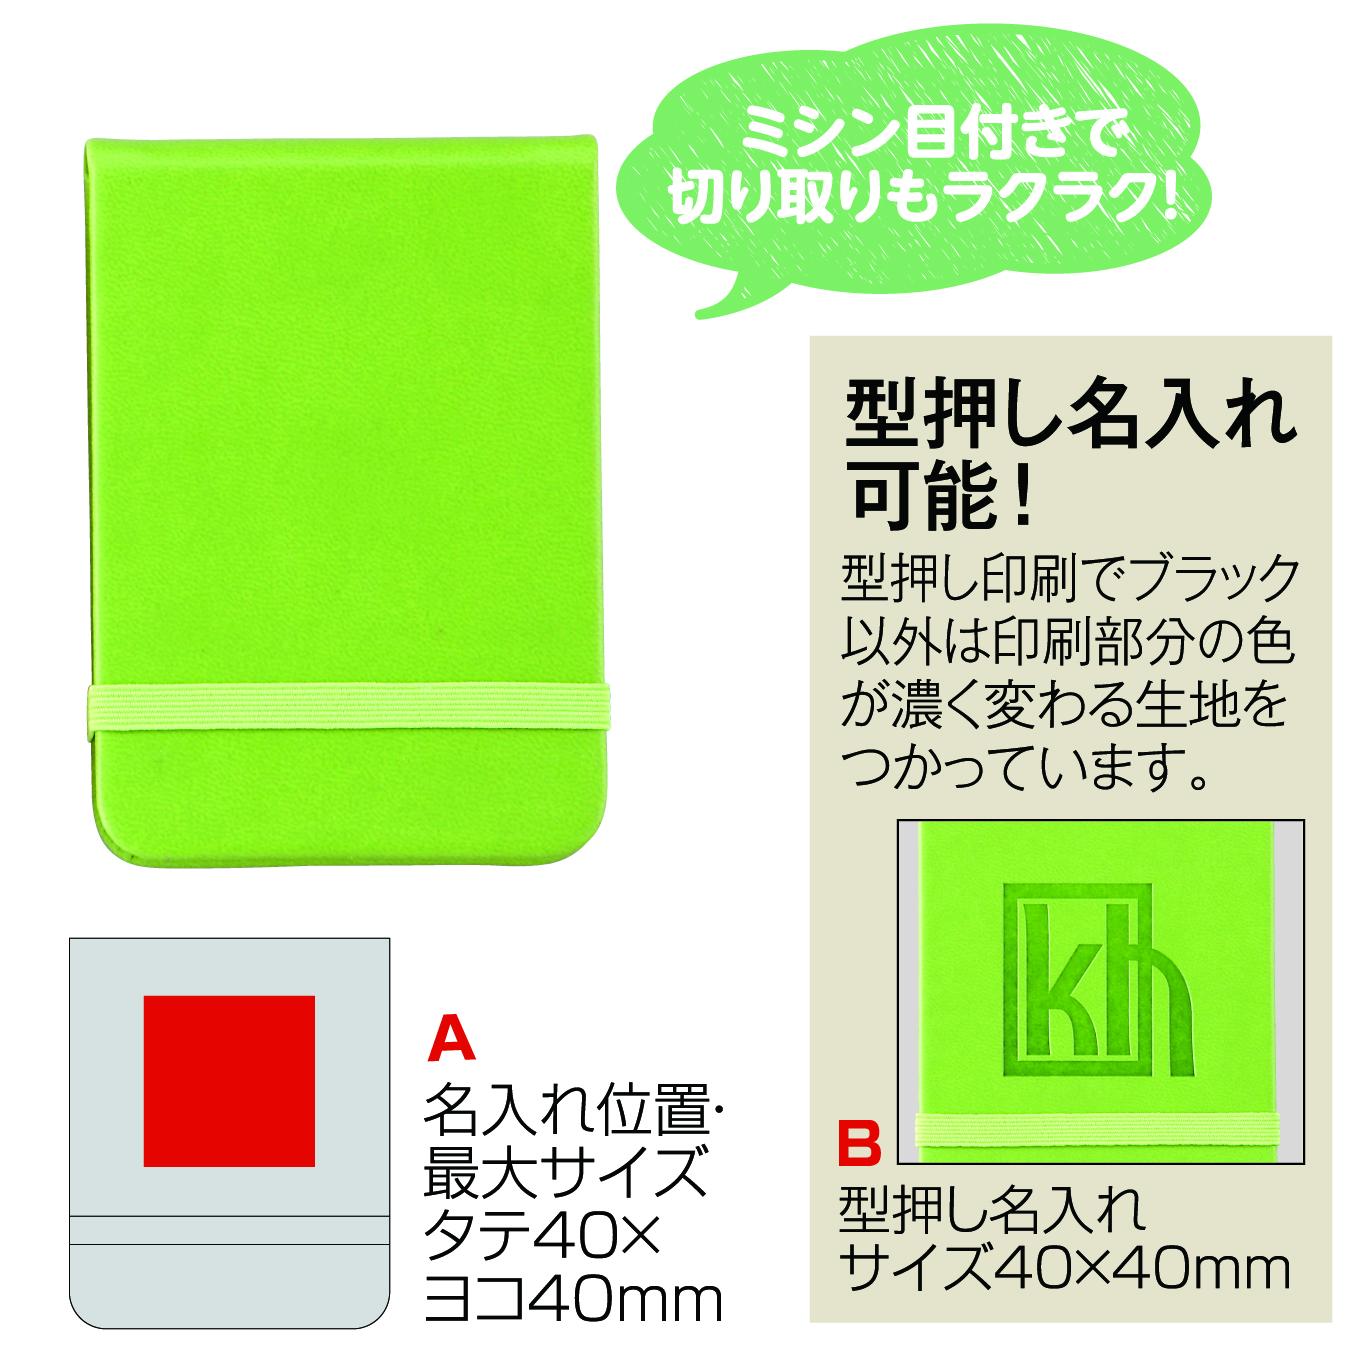 セルトナ・ハードカバーメモ帳(グリーン)